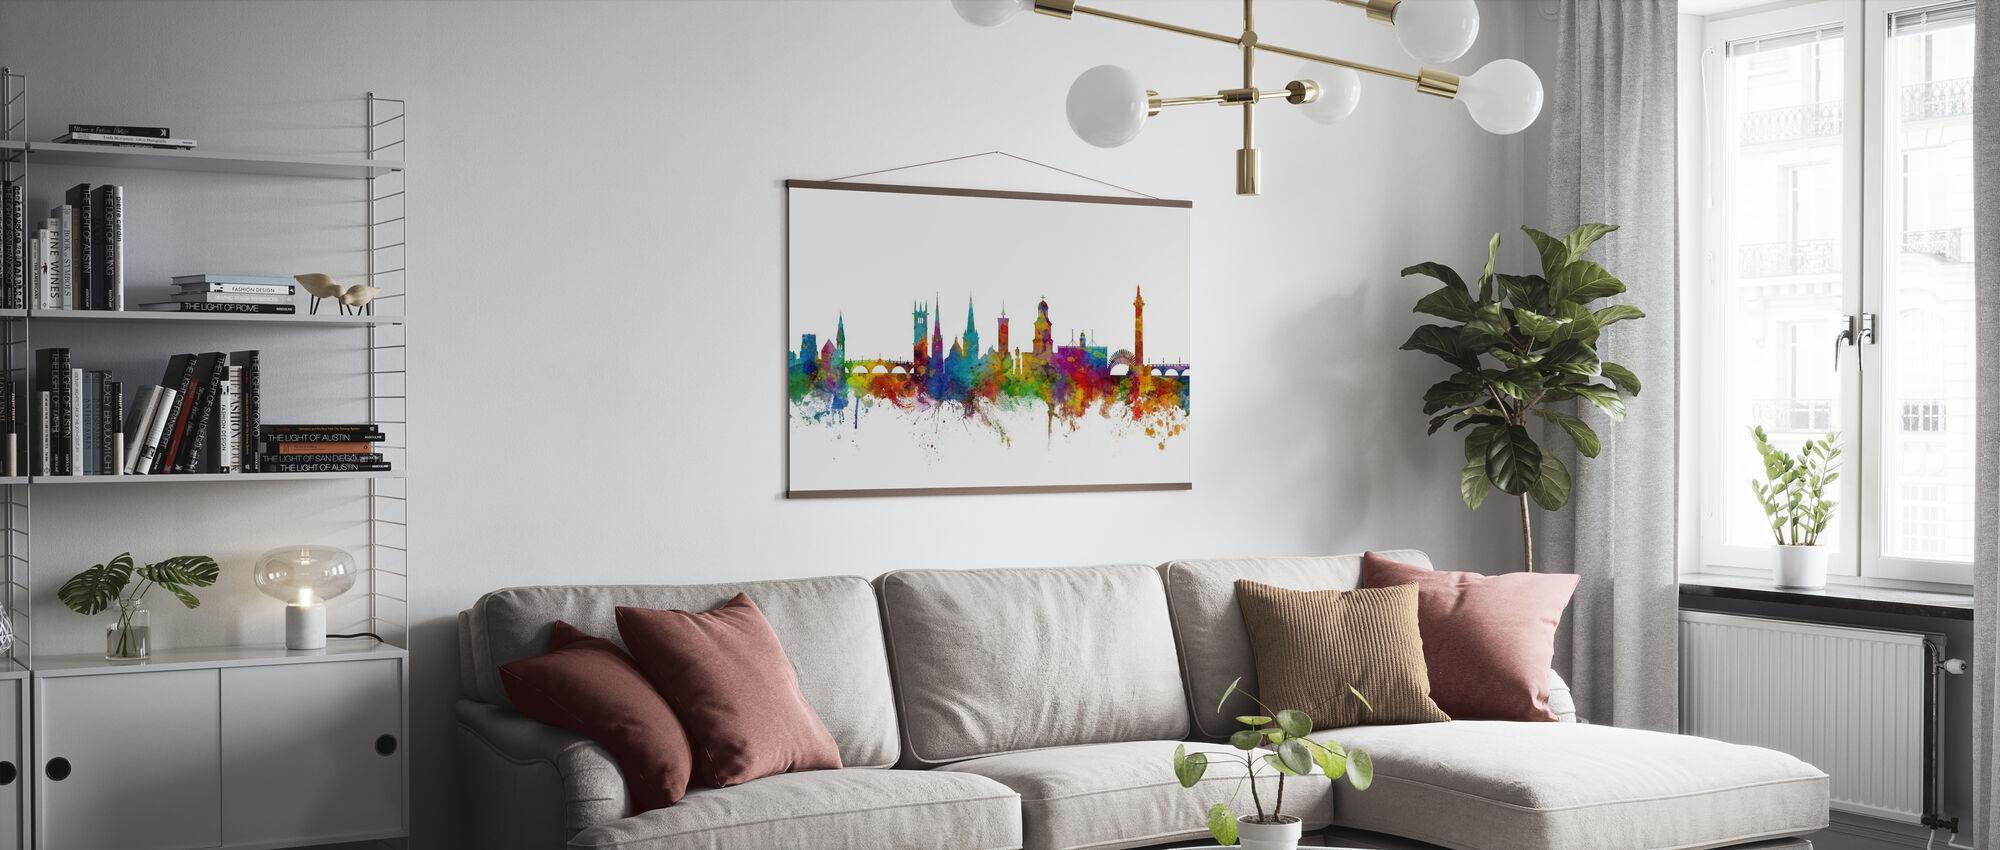 Skyline von Shrewsbury - Poster - Wohnzimmer